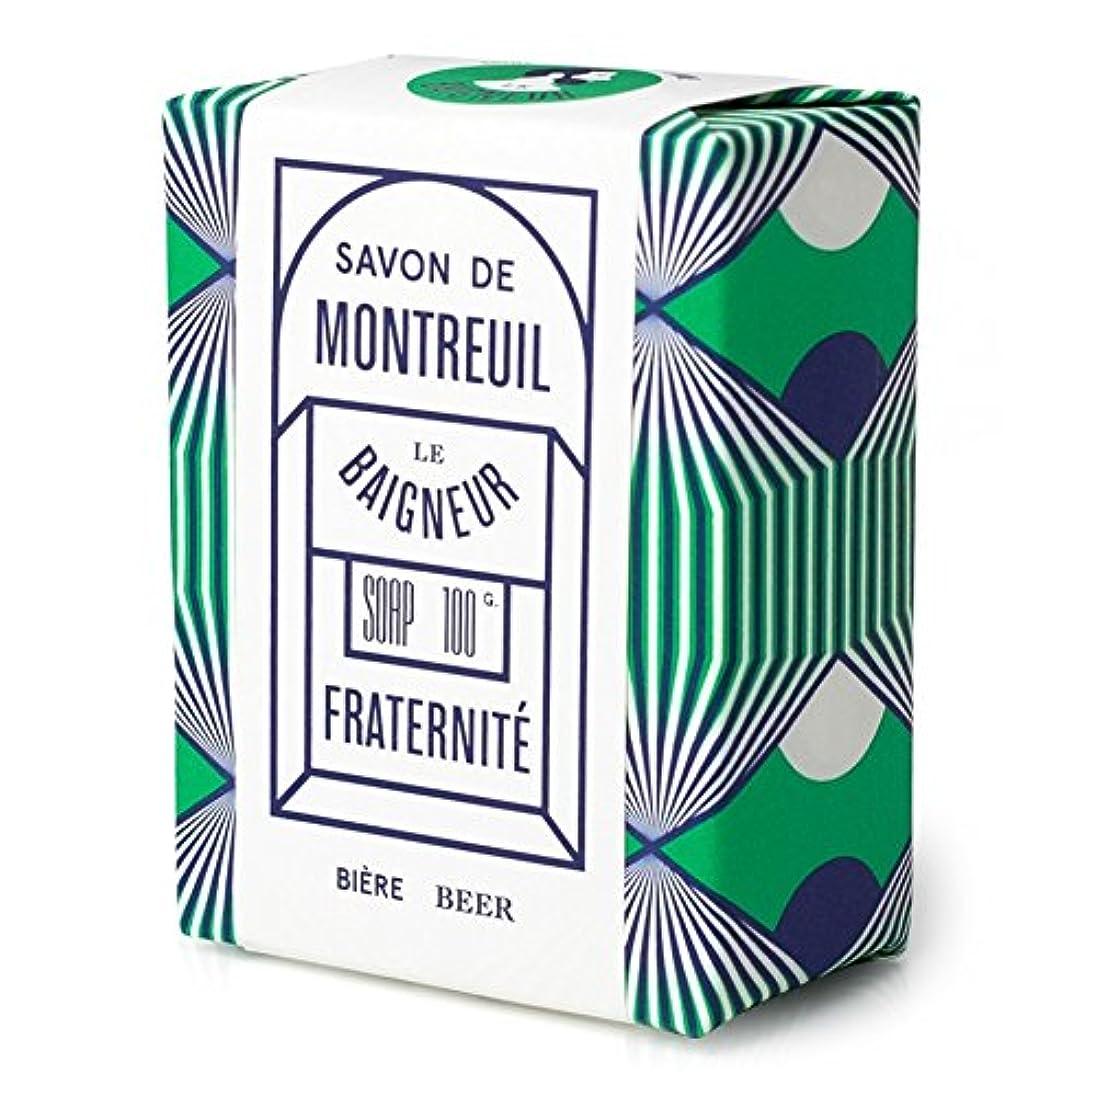 居住者花魔術師Le Baigneur Fraternite Soap 100g - ル 石鹸100グラム [並行輸入品]